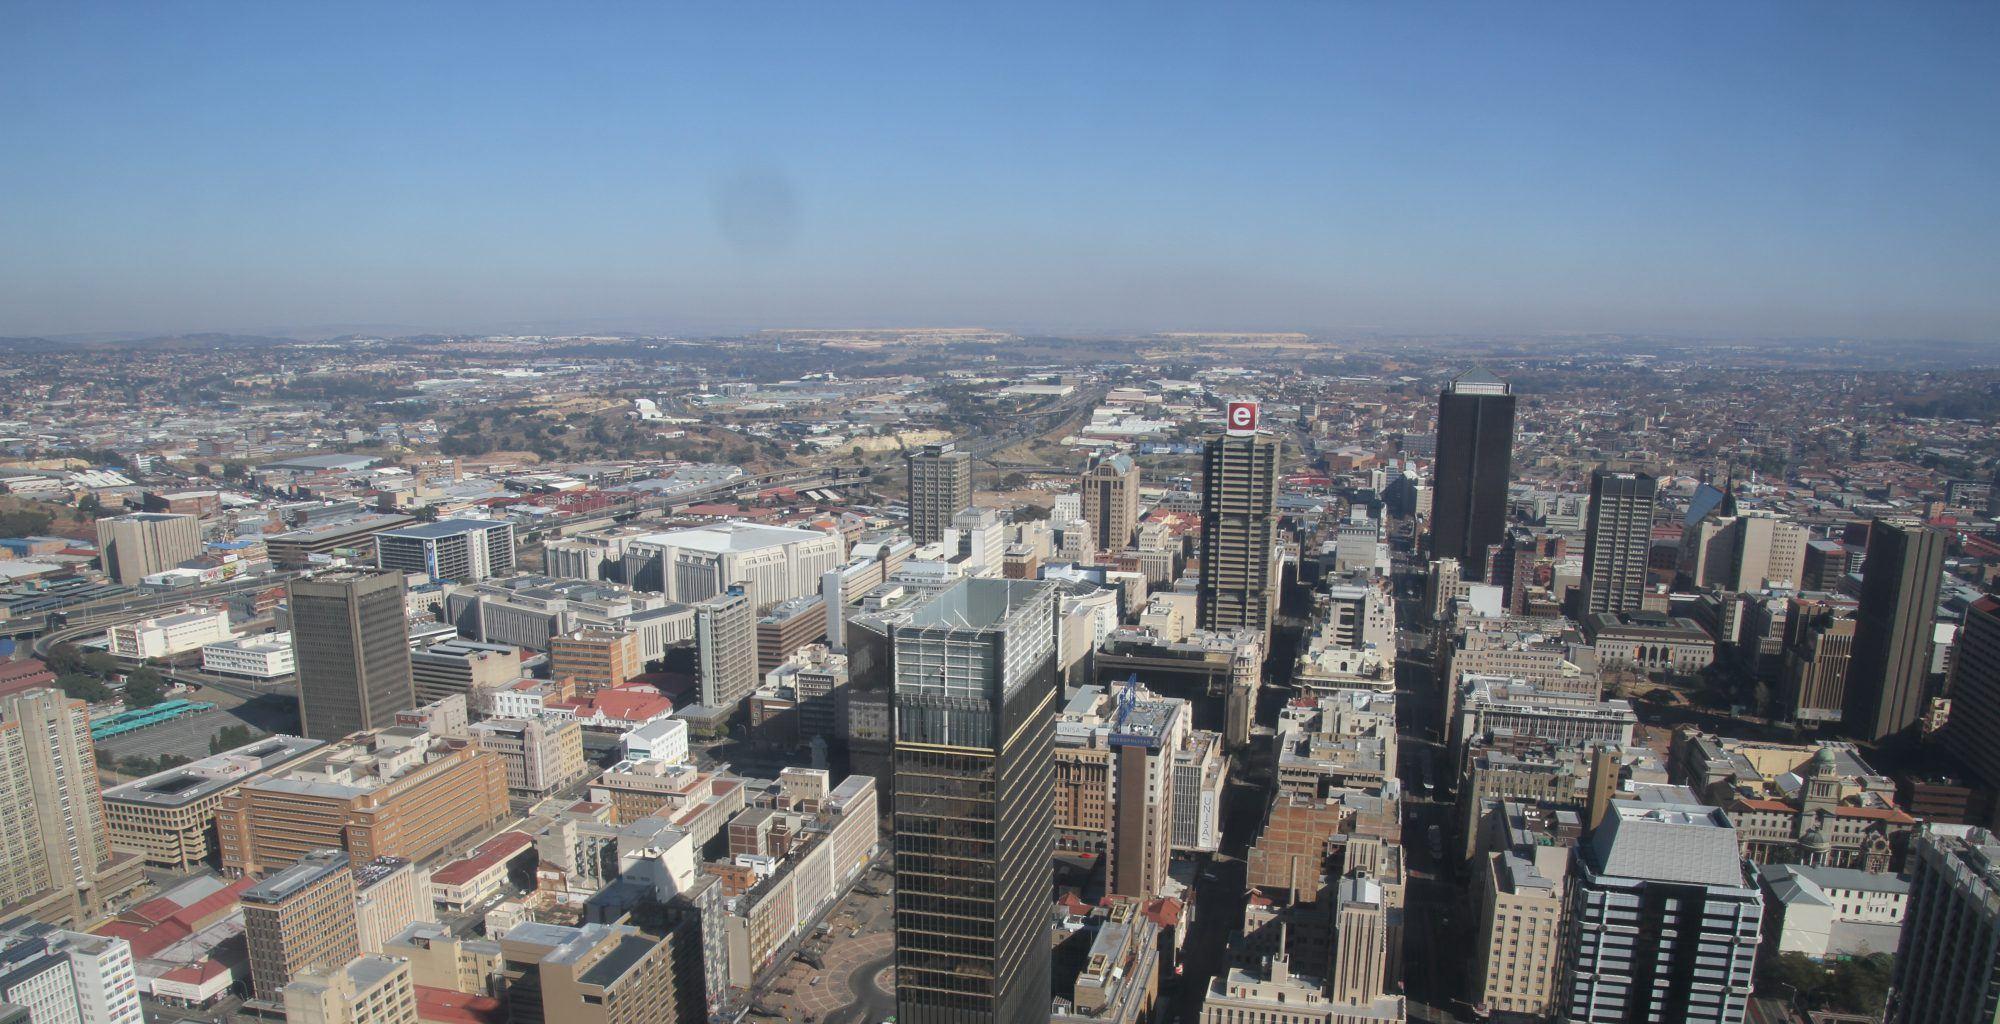 South-Africa-Johannesburg-Pretoria-Aerial